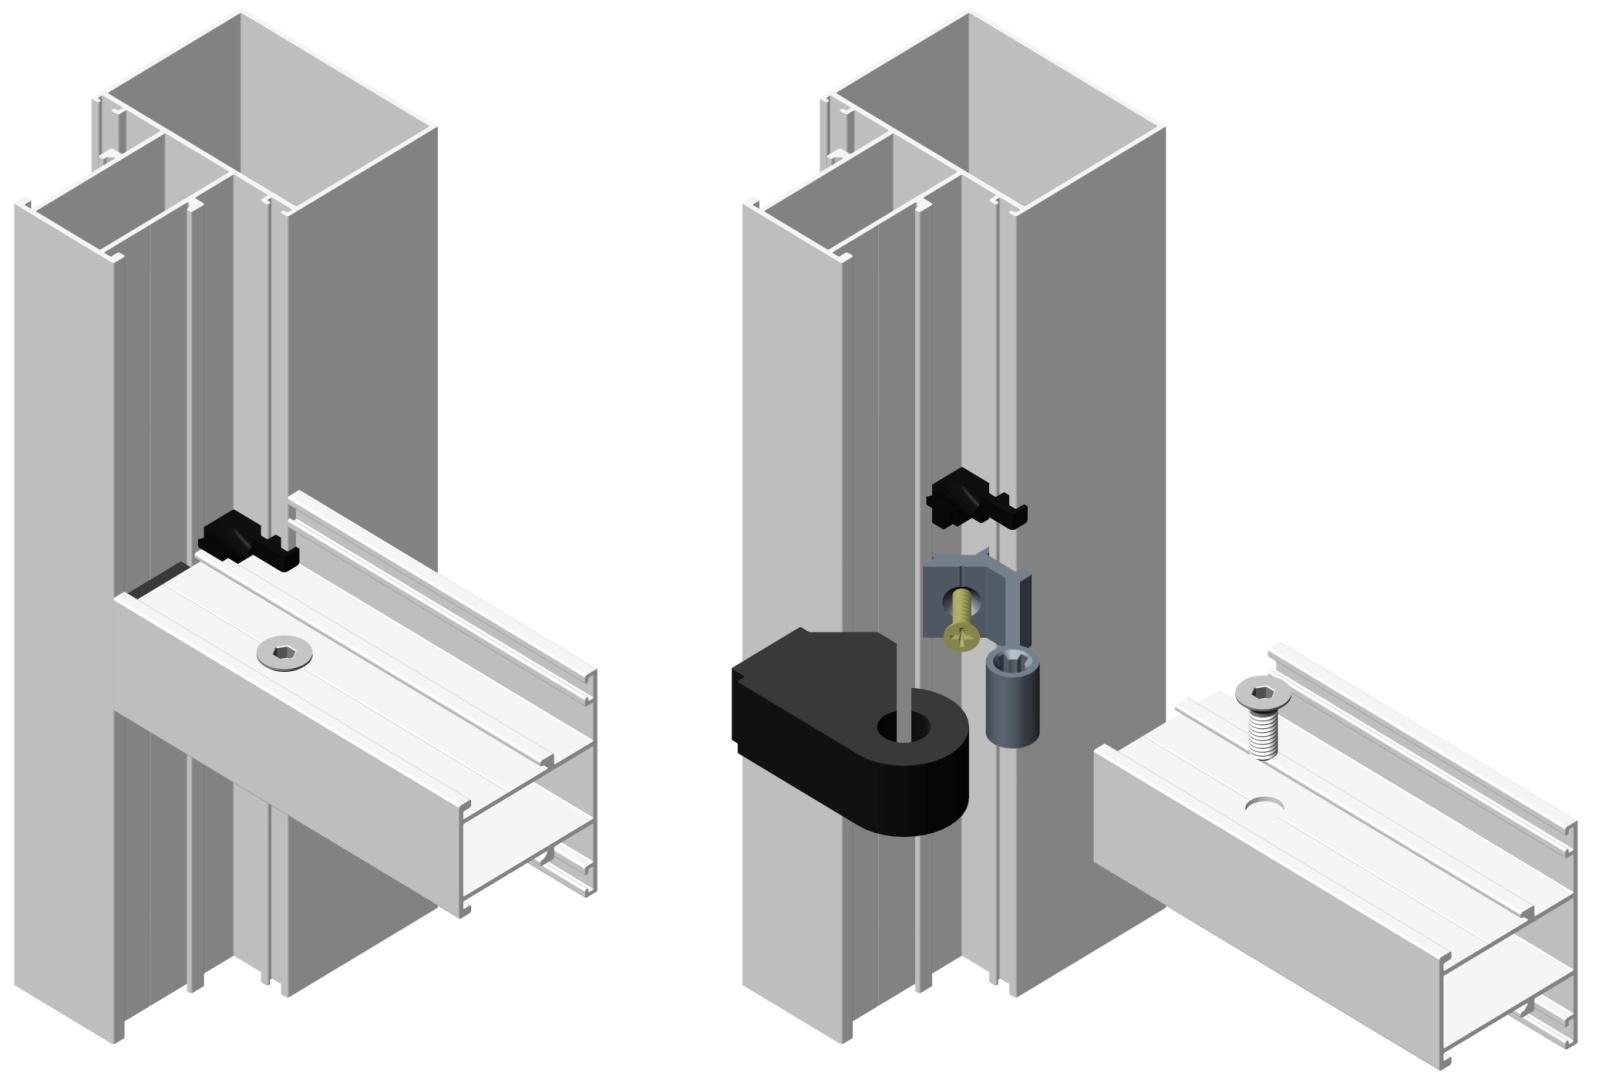 инструкция по монтажу системы алютех витражи alt f 50